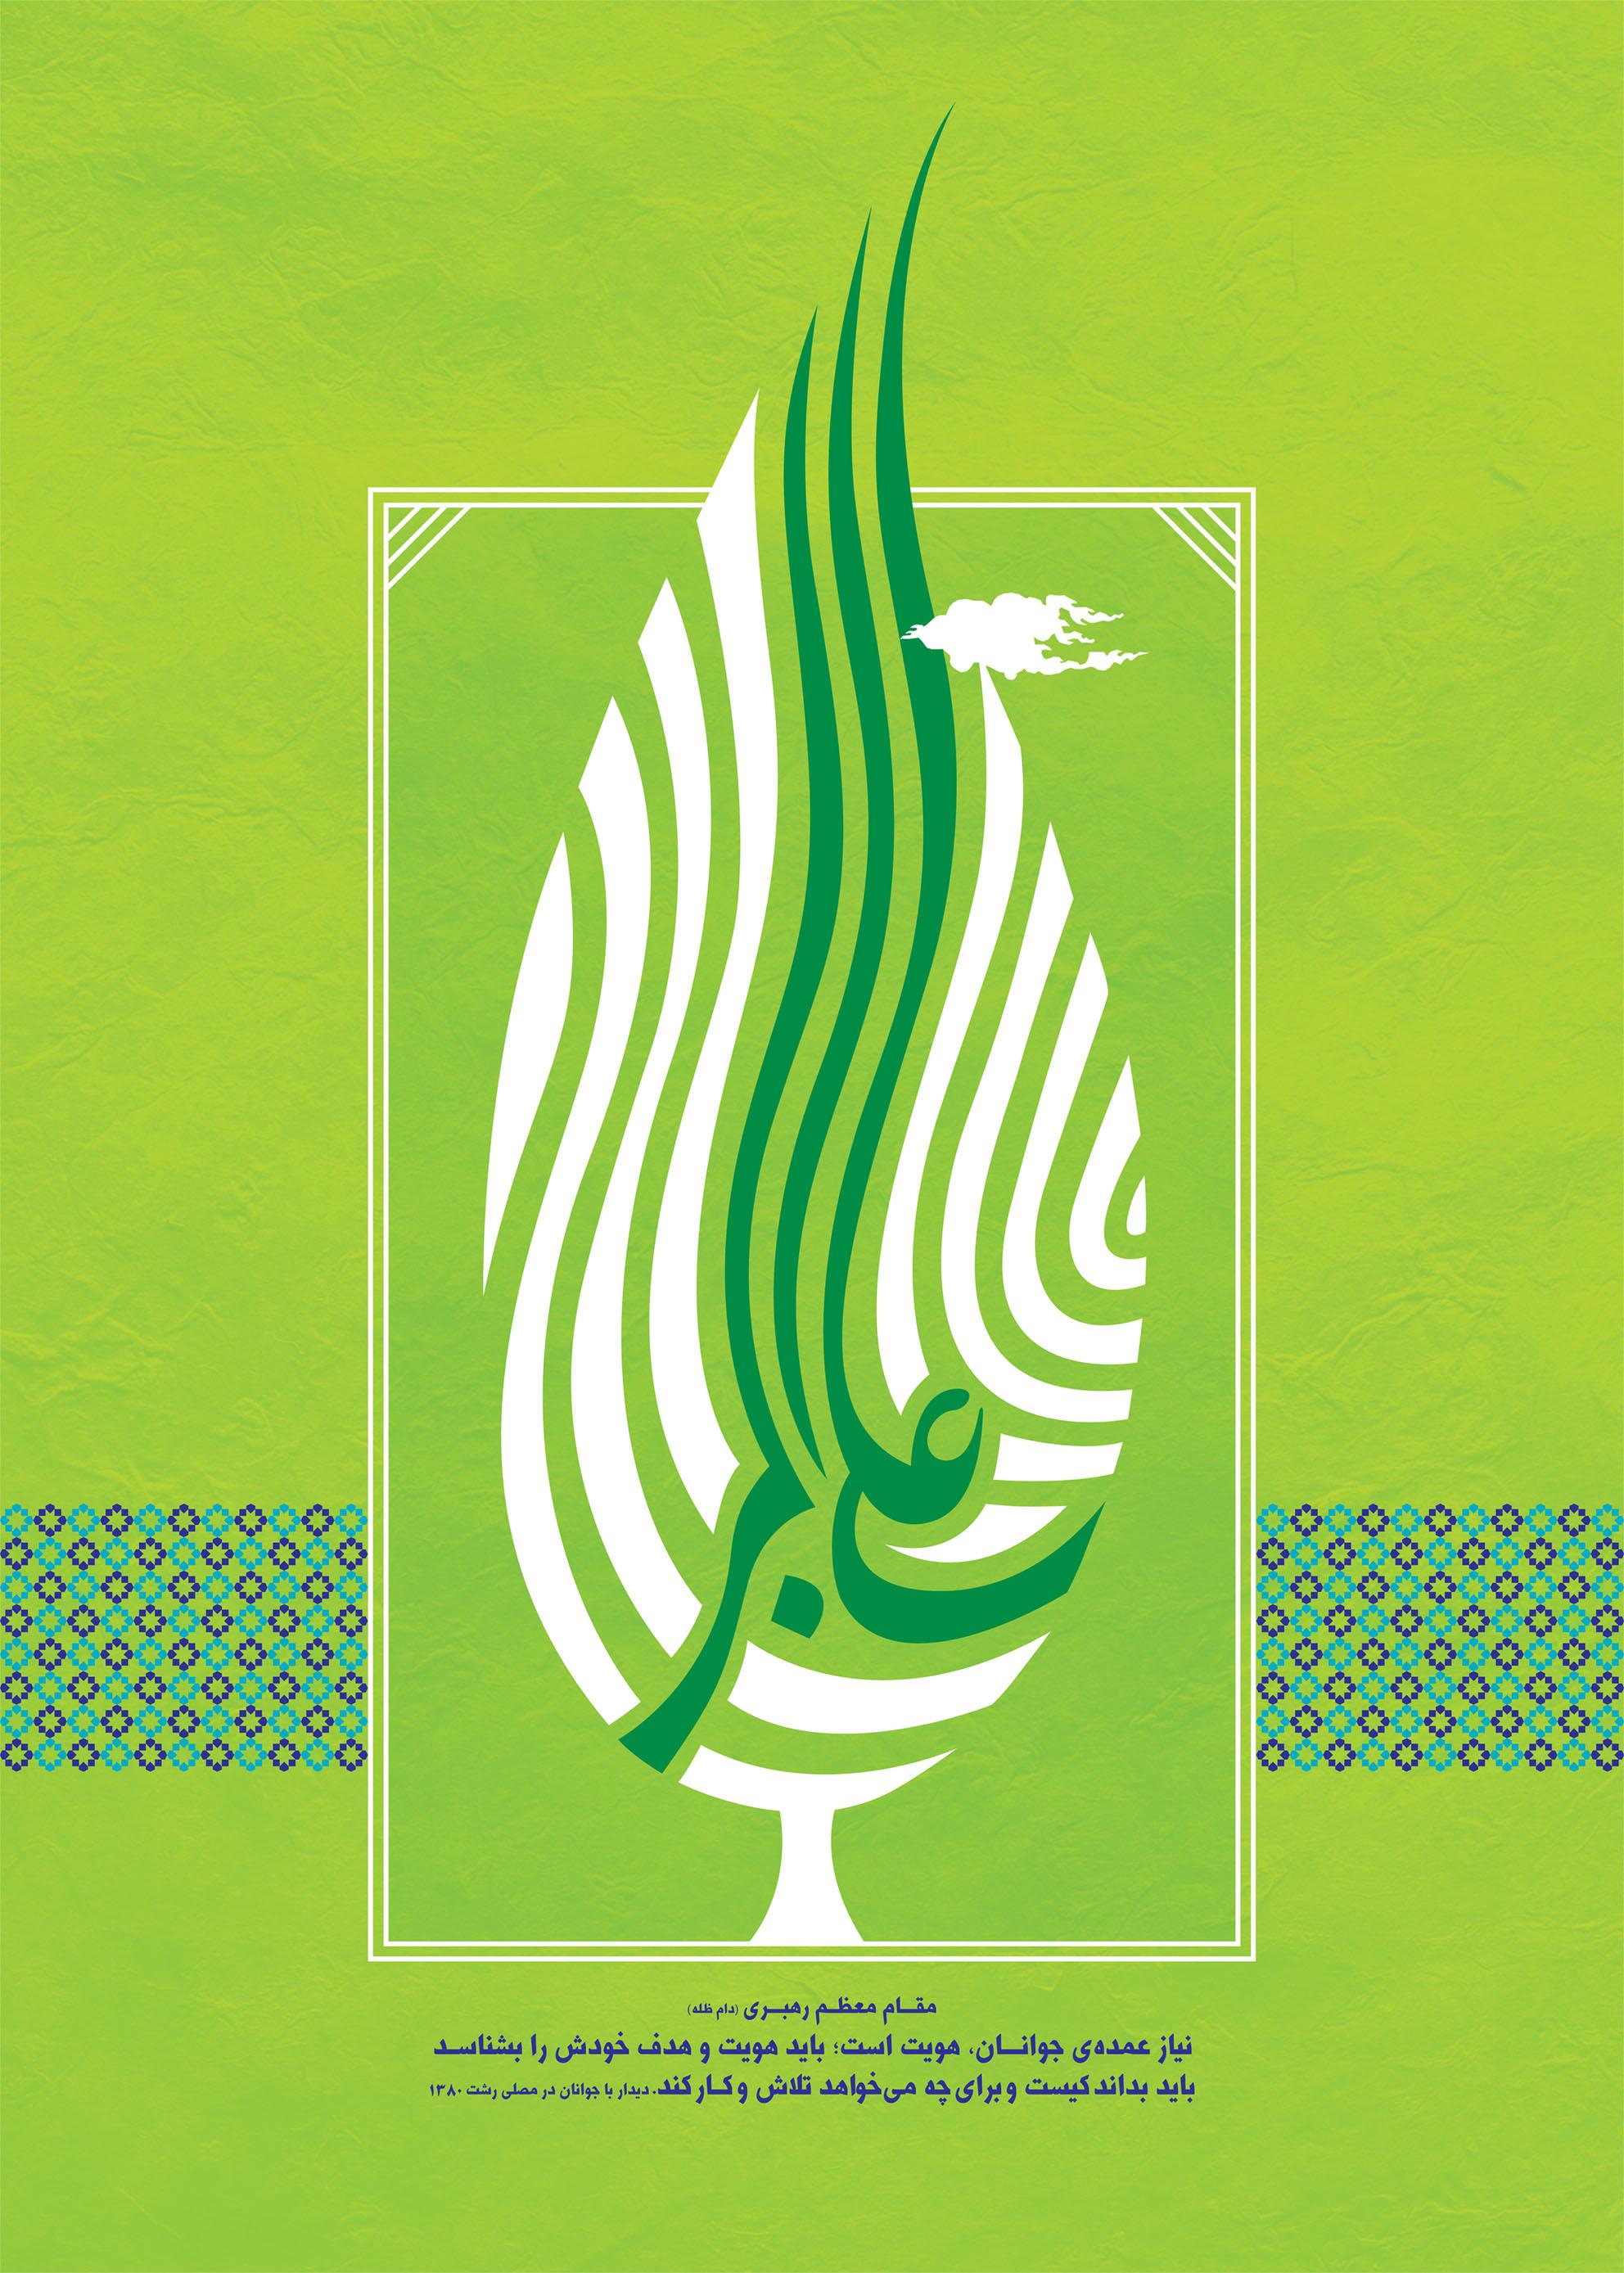 ولادت حضرت علی اکبر(علیه السلام) و روز جوان مبارک.